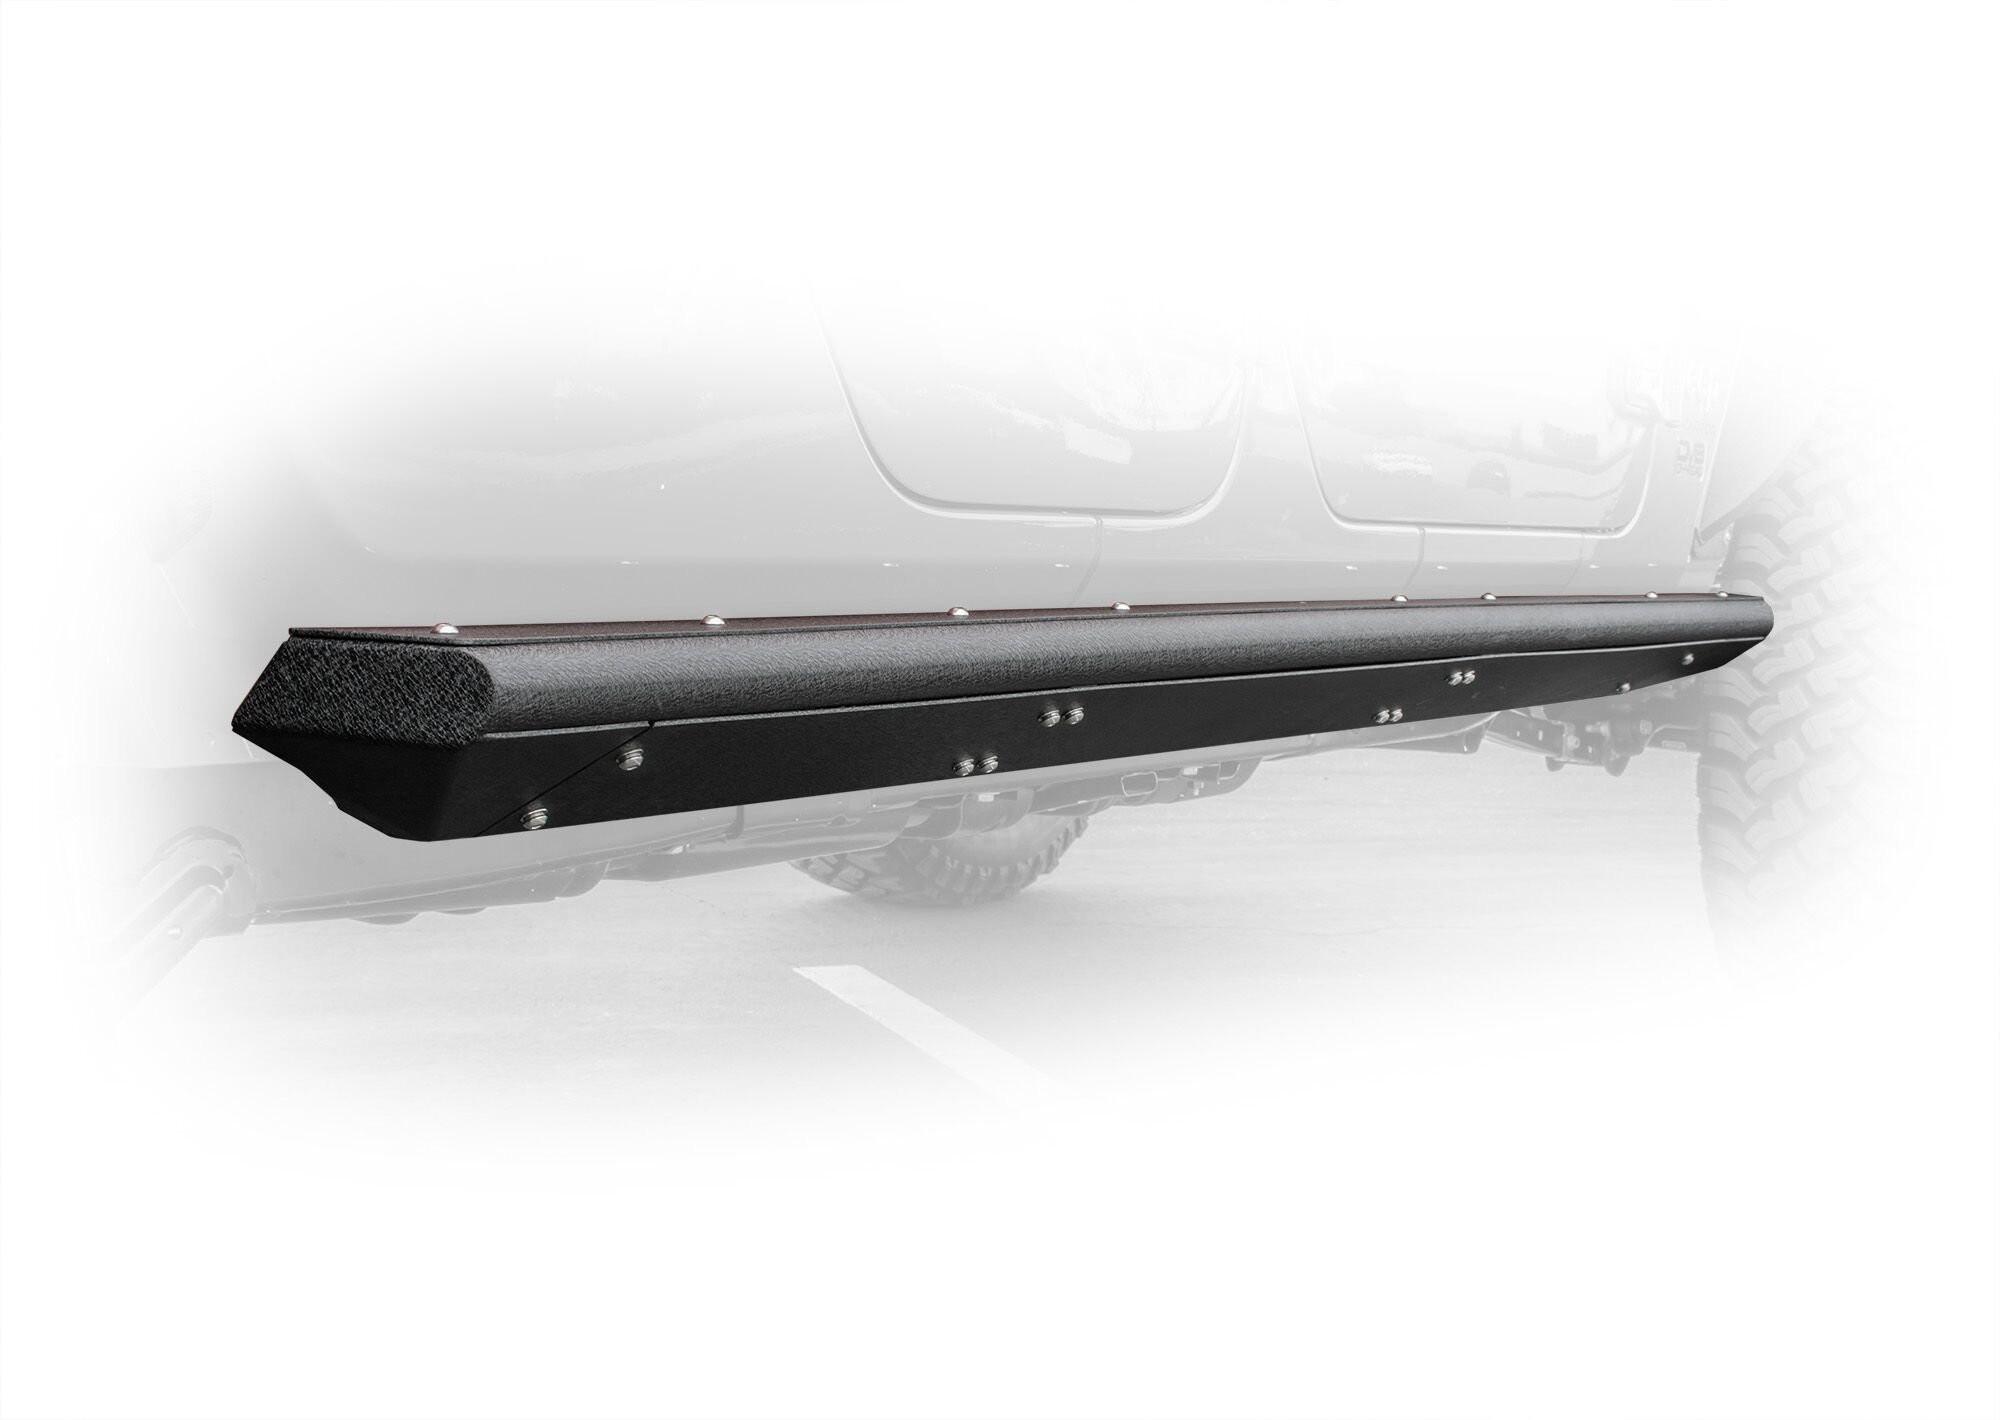 DV8 Offroad Bolt-On Side Steps Sliders For 2020+ Jeep Gladiator JT 4 Door Models SRGL-02